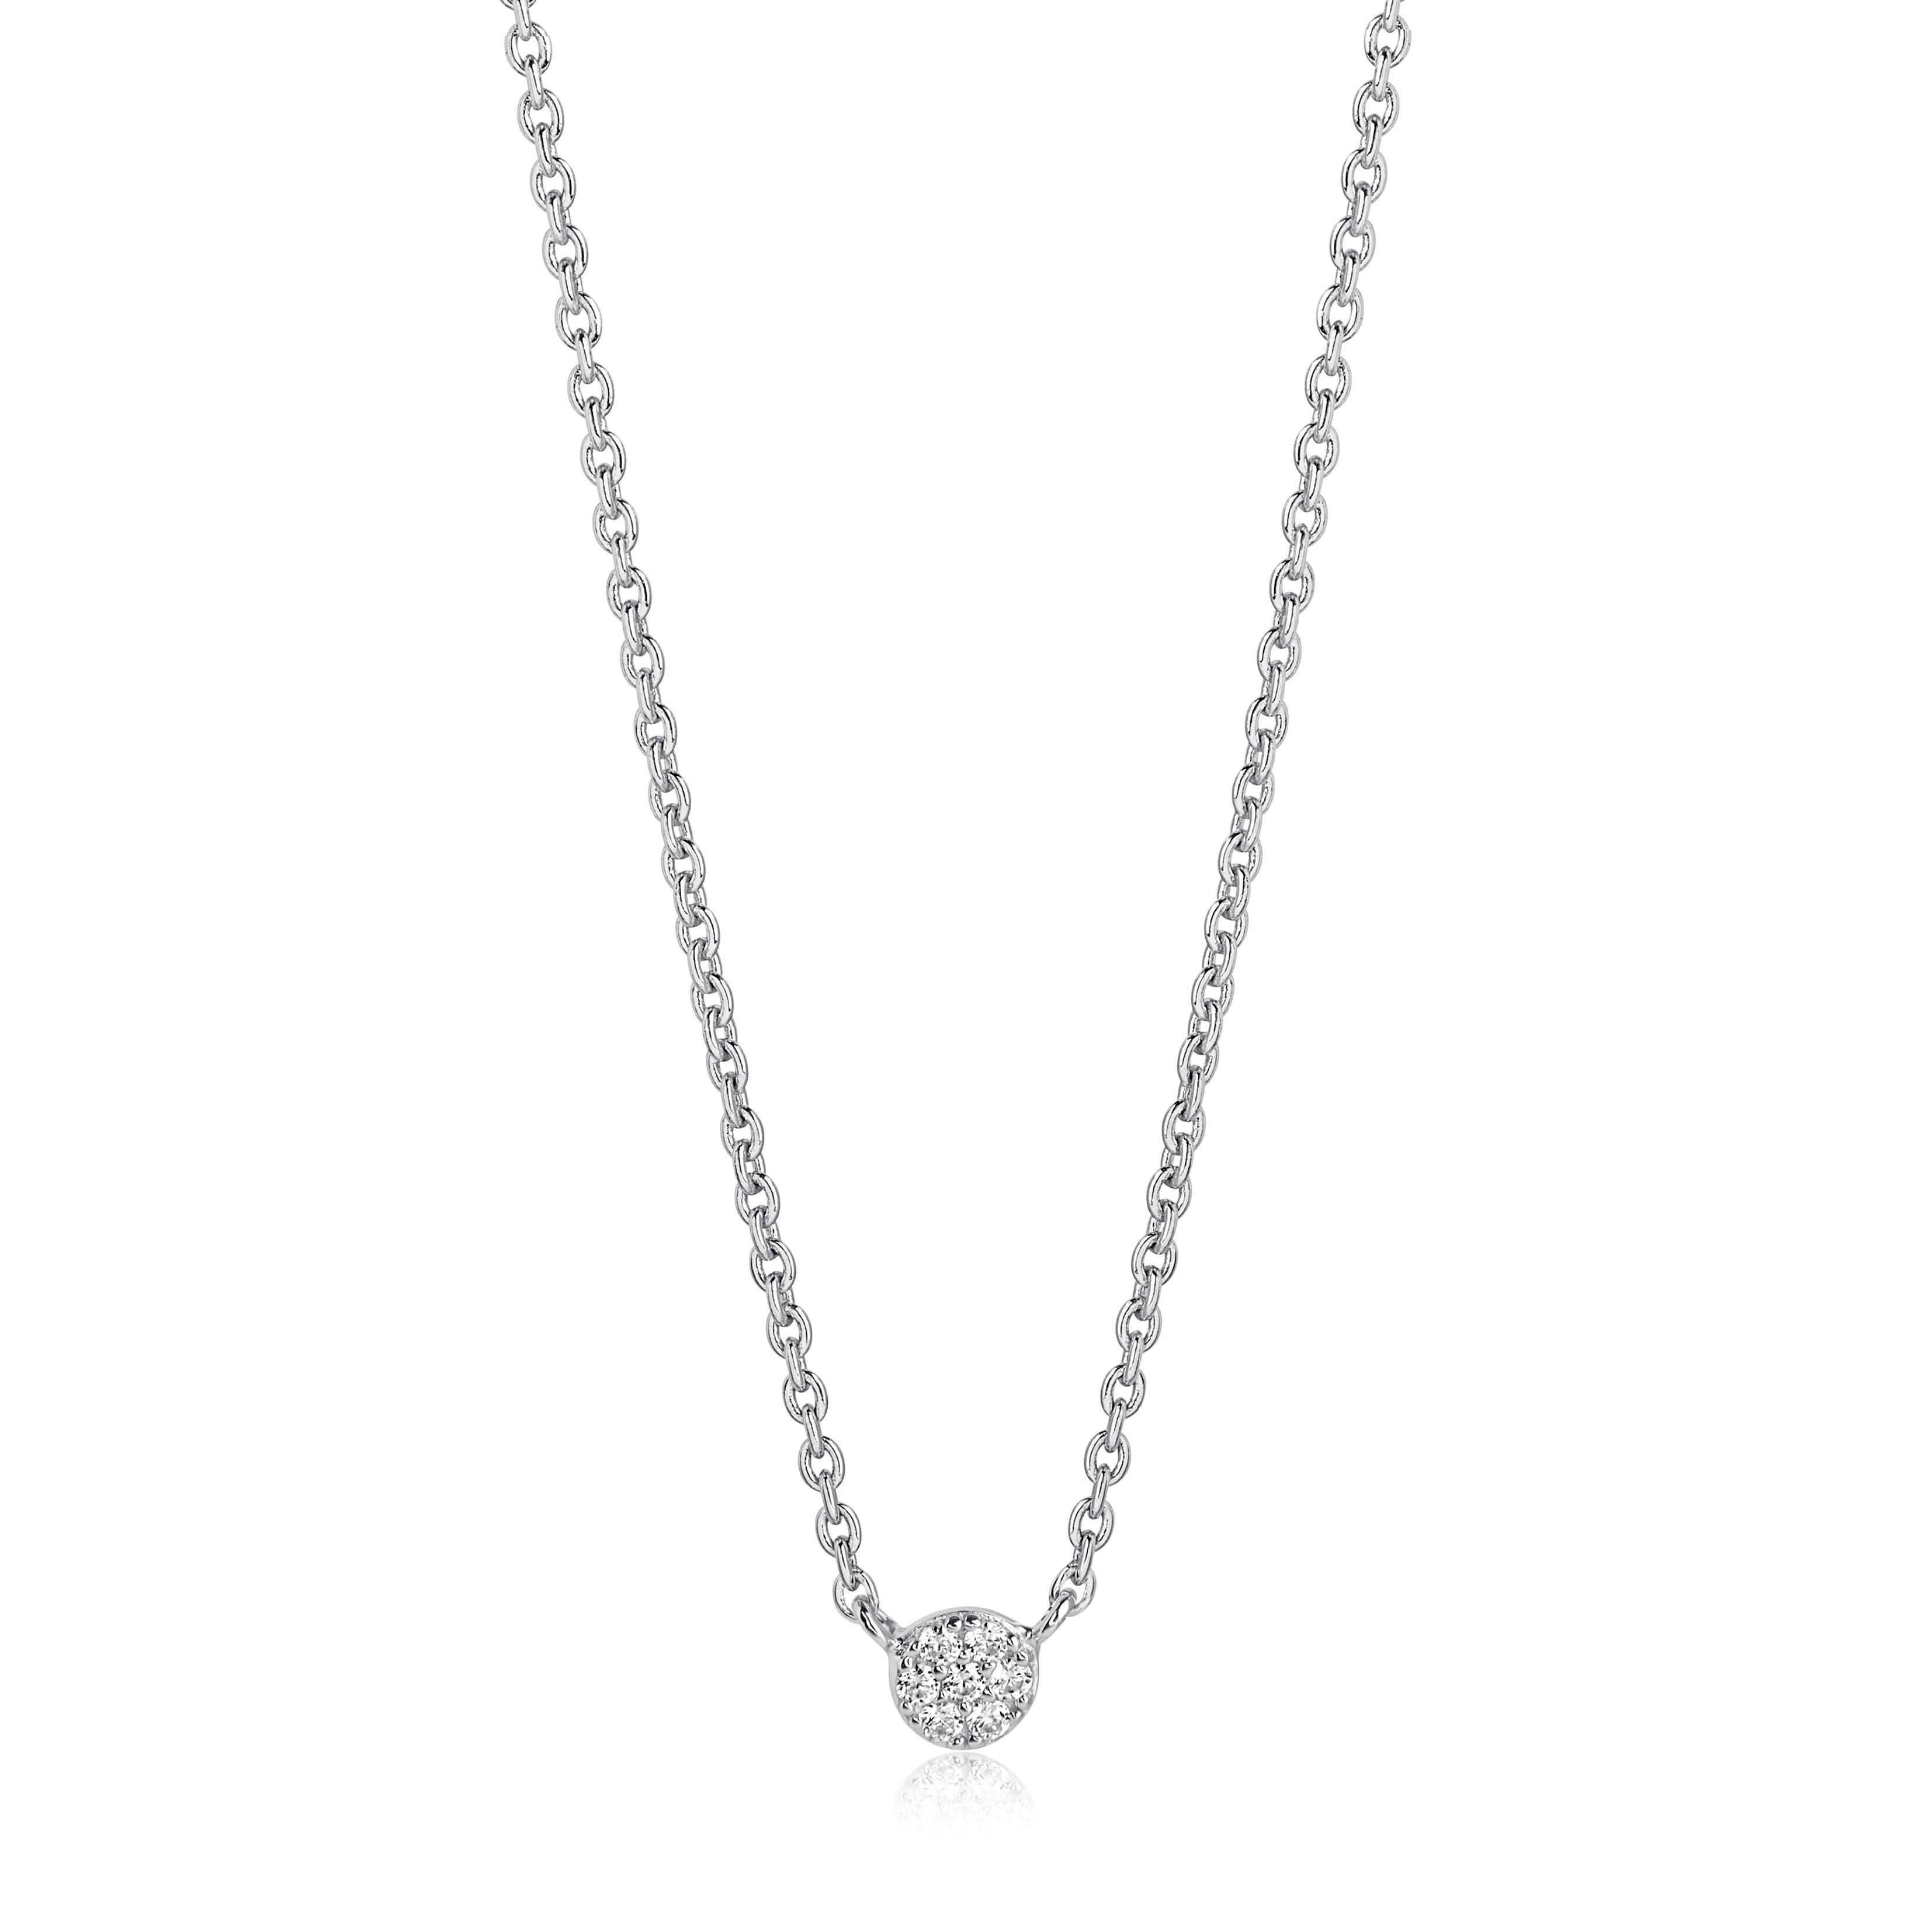 Sif Jakobs Cecina halskæde i sølv med hvide zirkoner